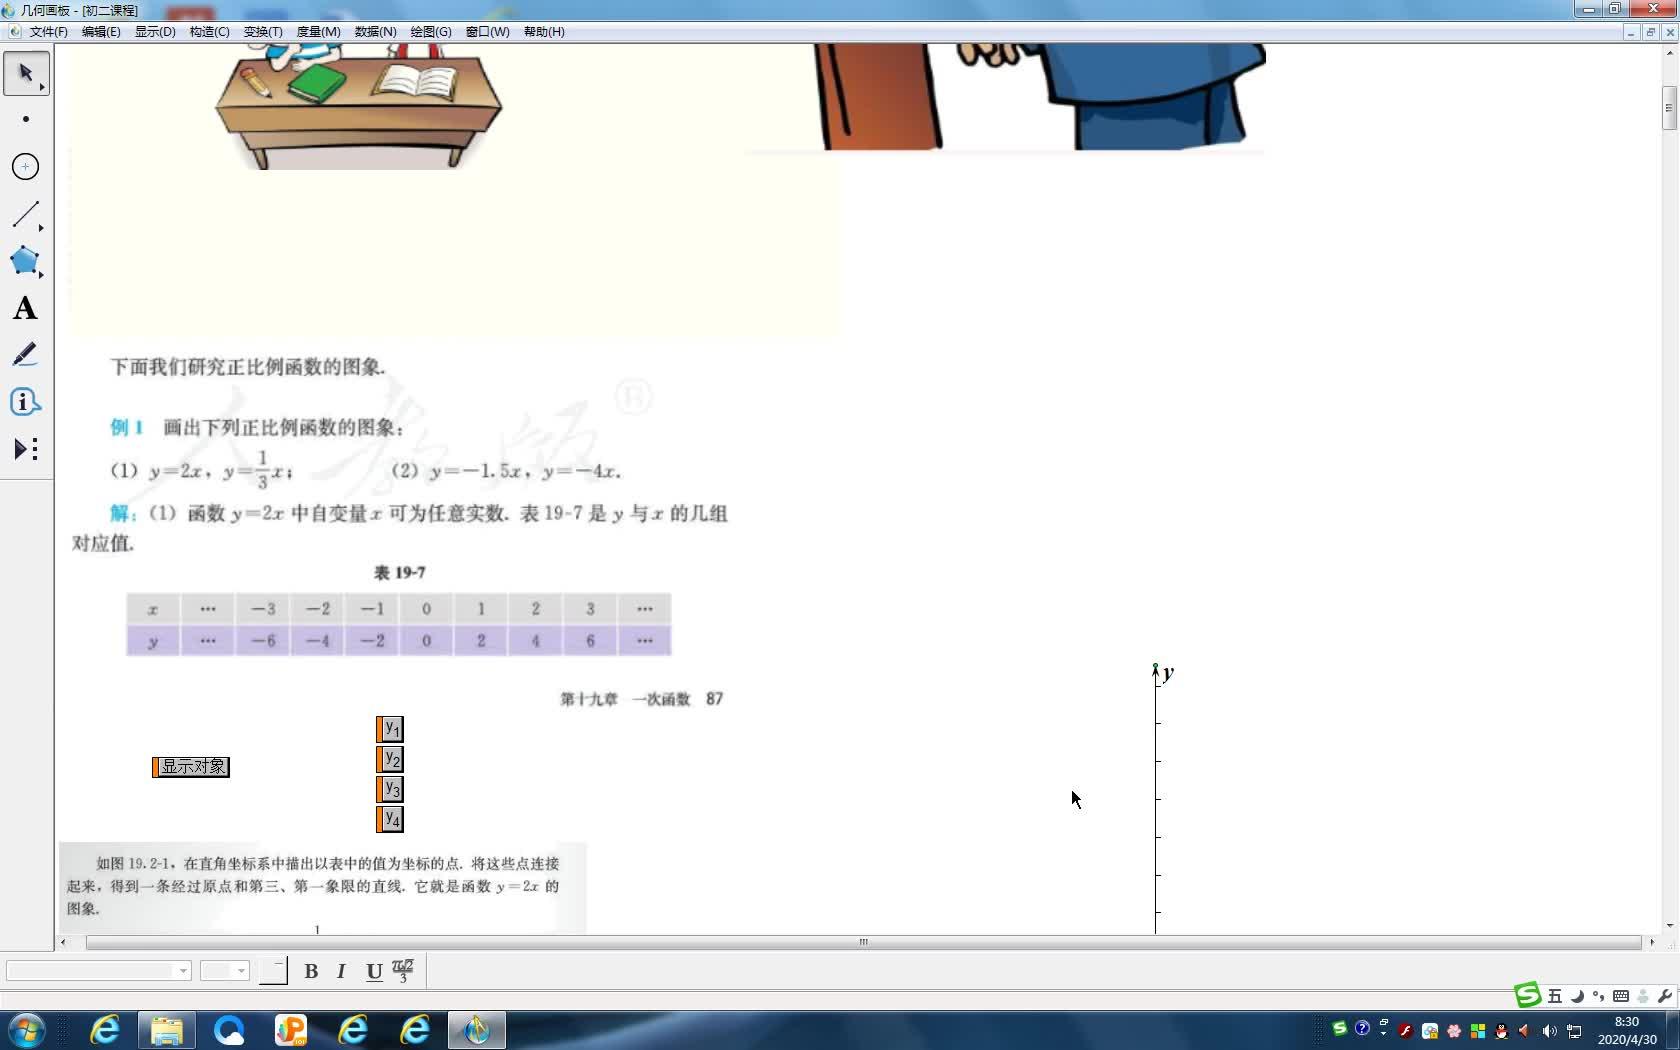 人教版八年级数学下册 19.2.1 正比例函数的图象及性质 微课视频